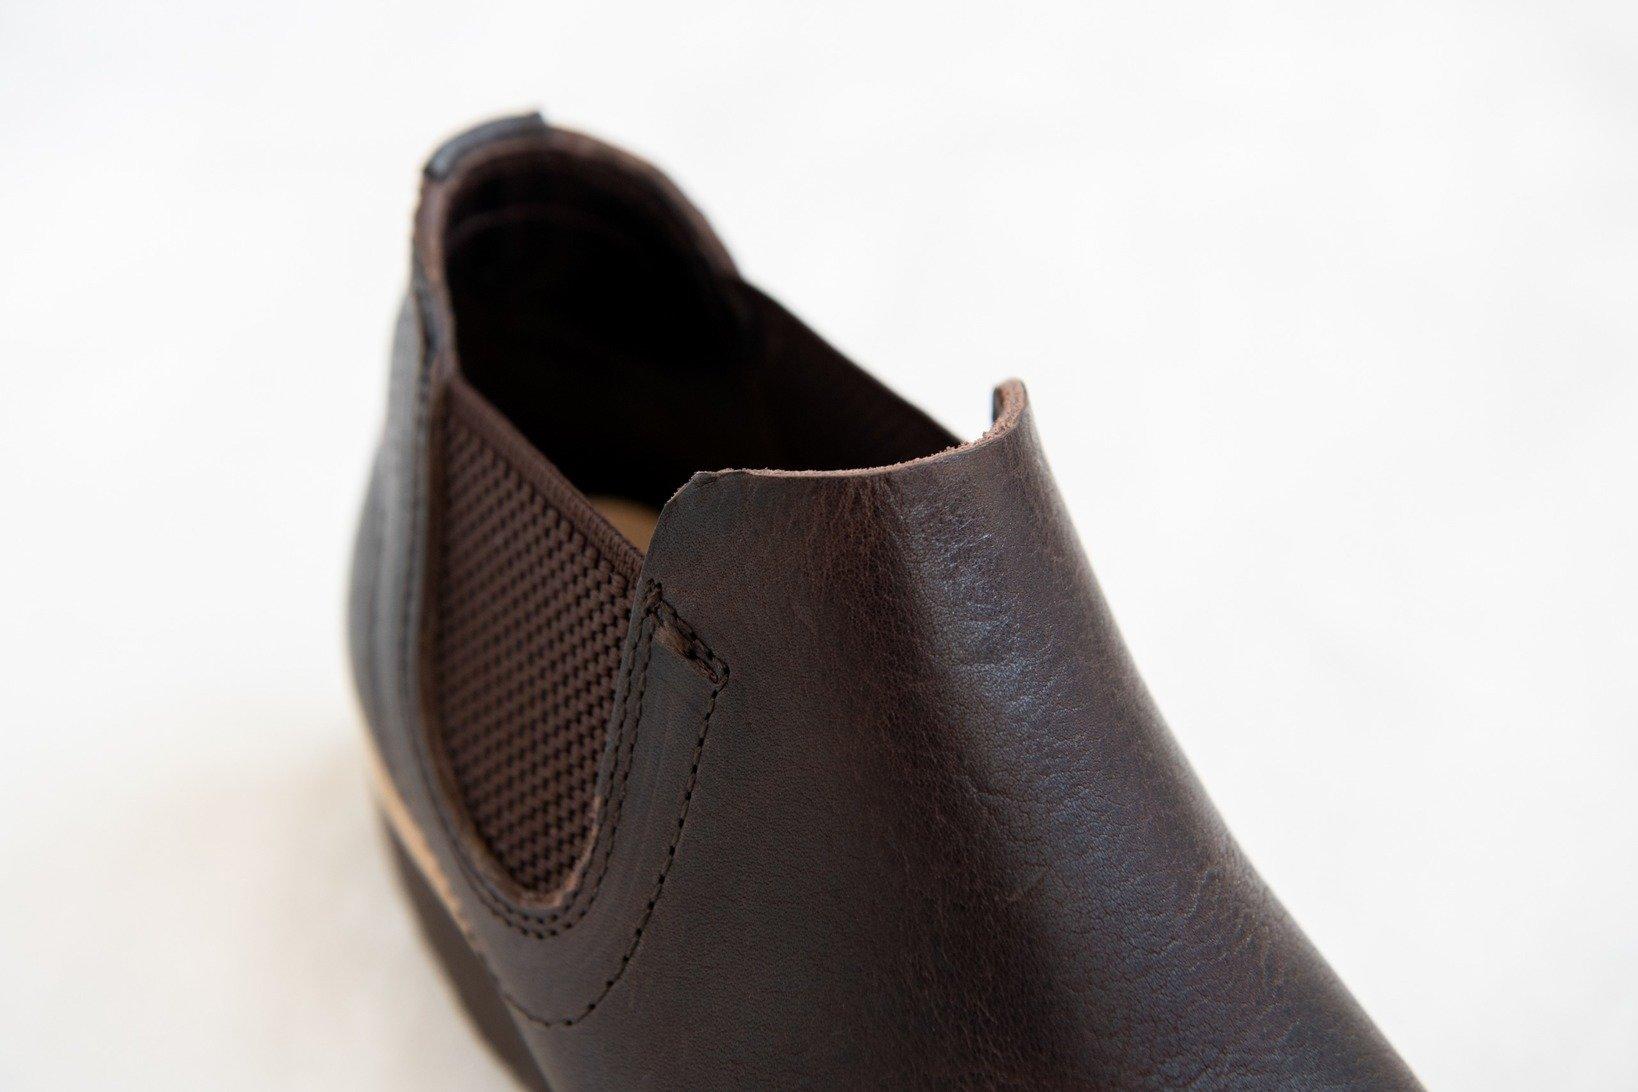 ワックスと揉み加工のお陰で革の表面はややマットな印象。筒丈が短めなのでサクッと気軽に履ける。